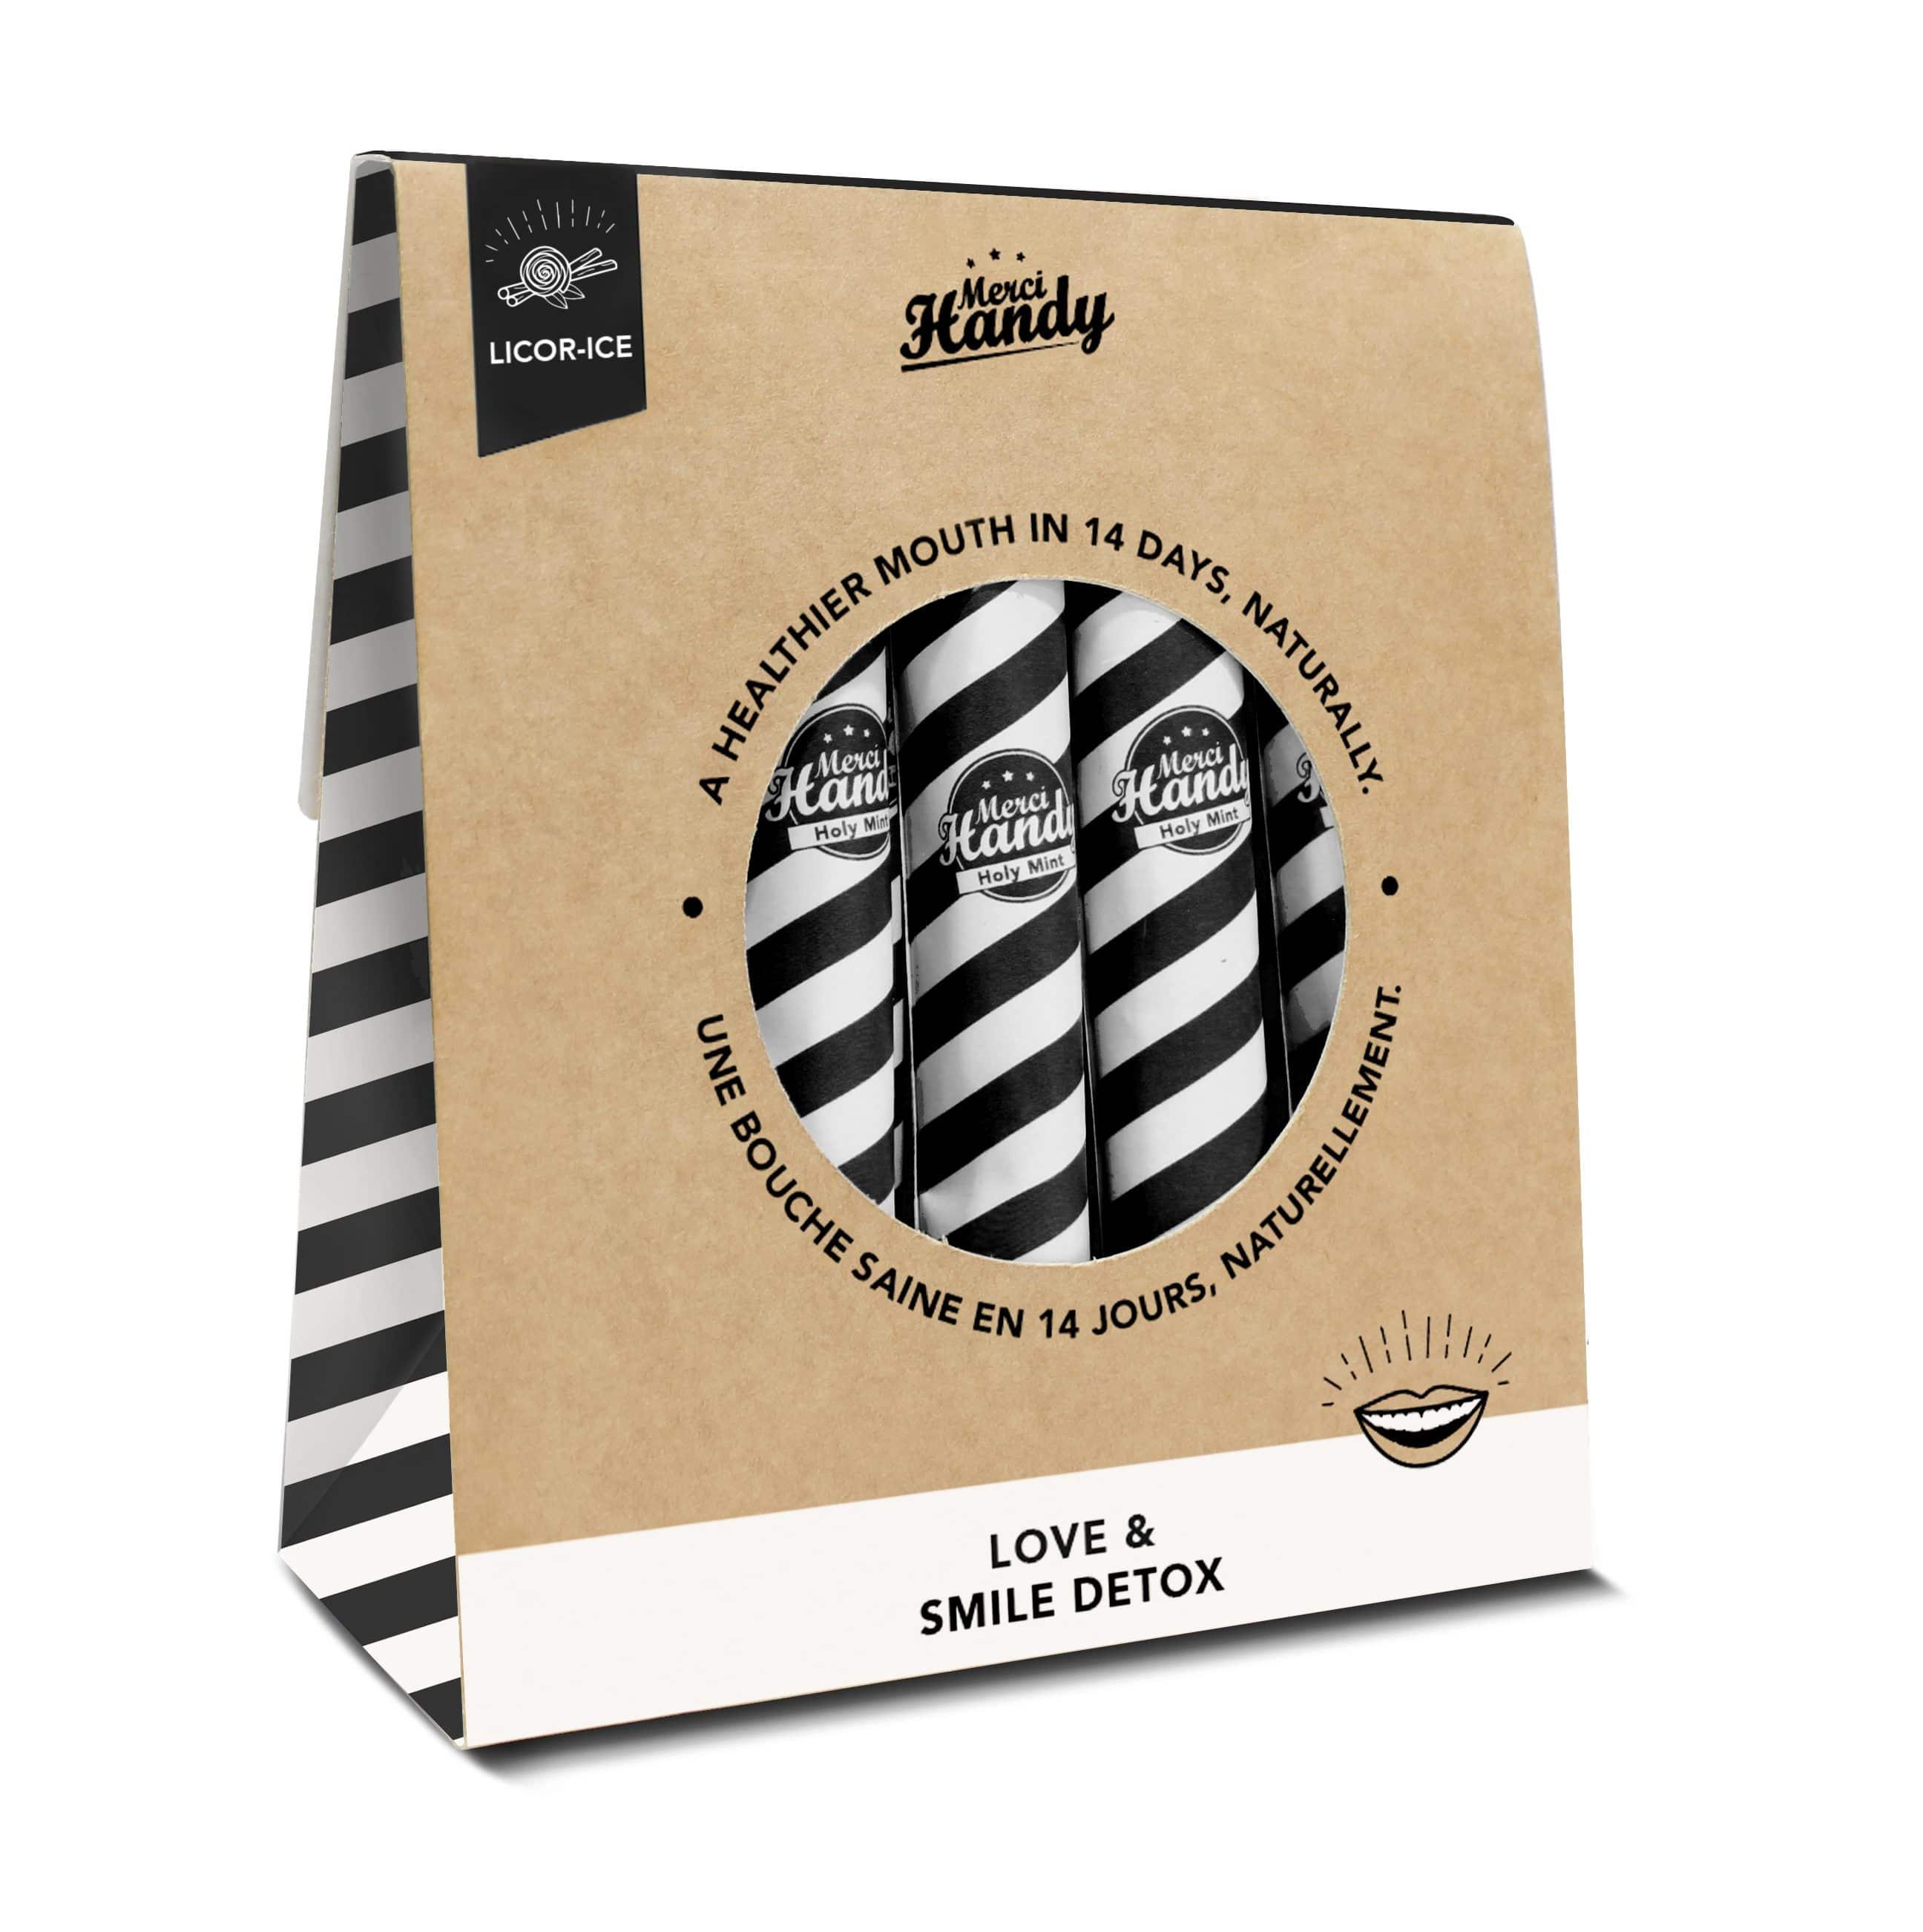 Merci Handy arriva da Sephora: tutti i prodotti - Smile Detox Licor-Ice alla liquirizia